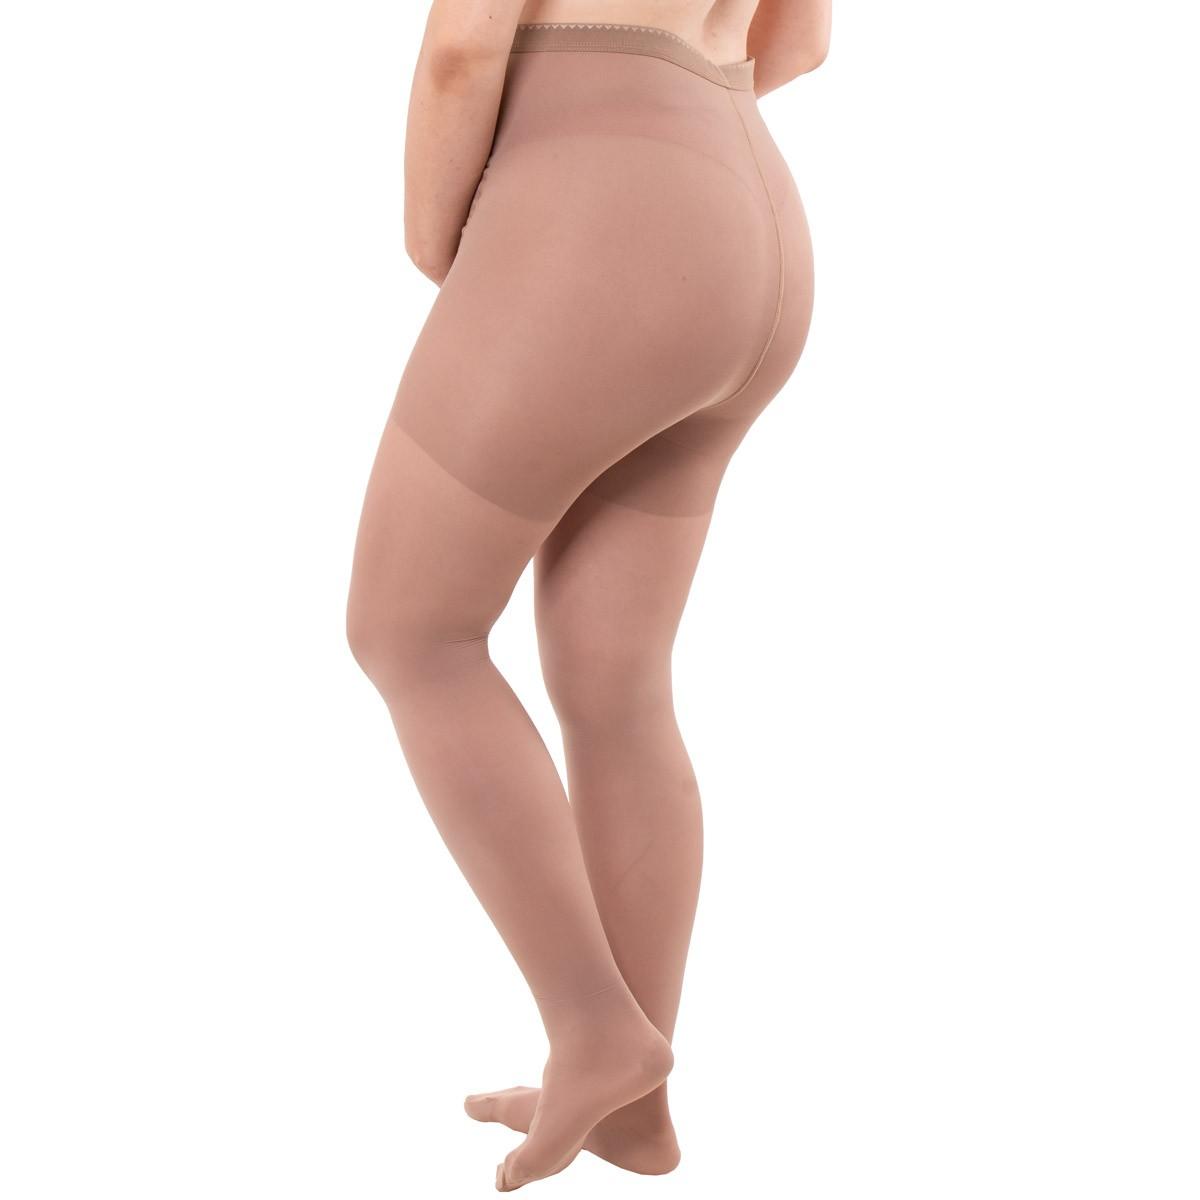 Meia calça gestante com média compressão Kendall